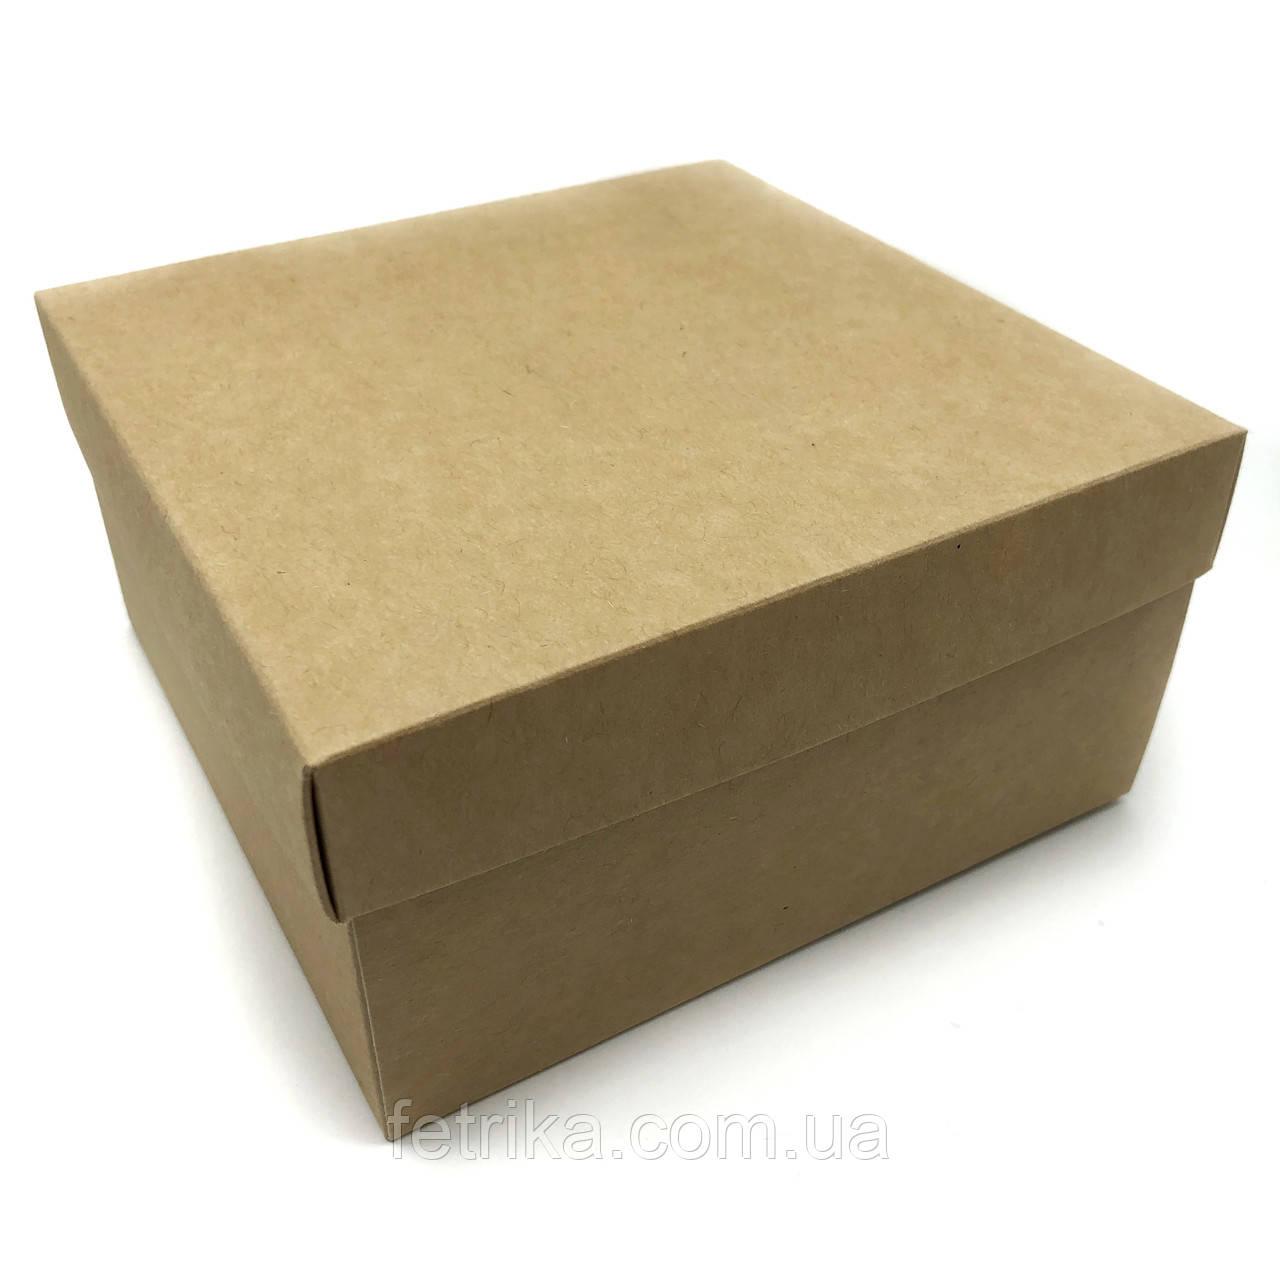 Коробка подарочная крафт 250*250*100 мм